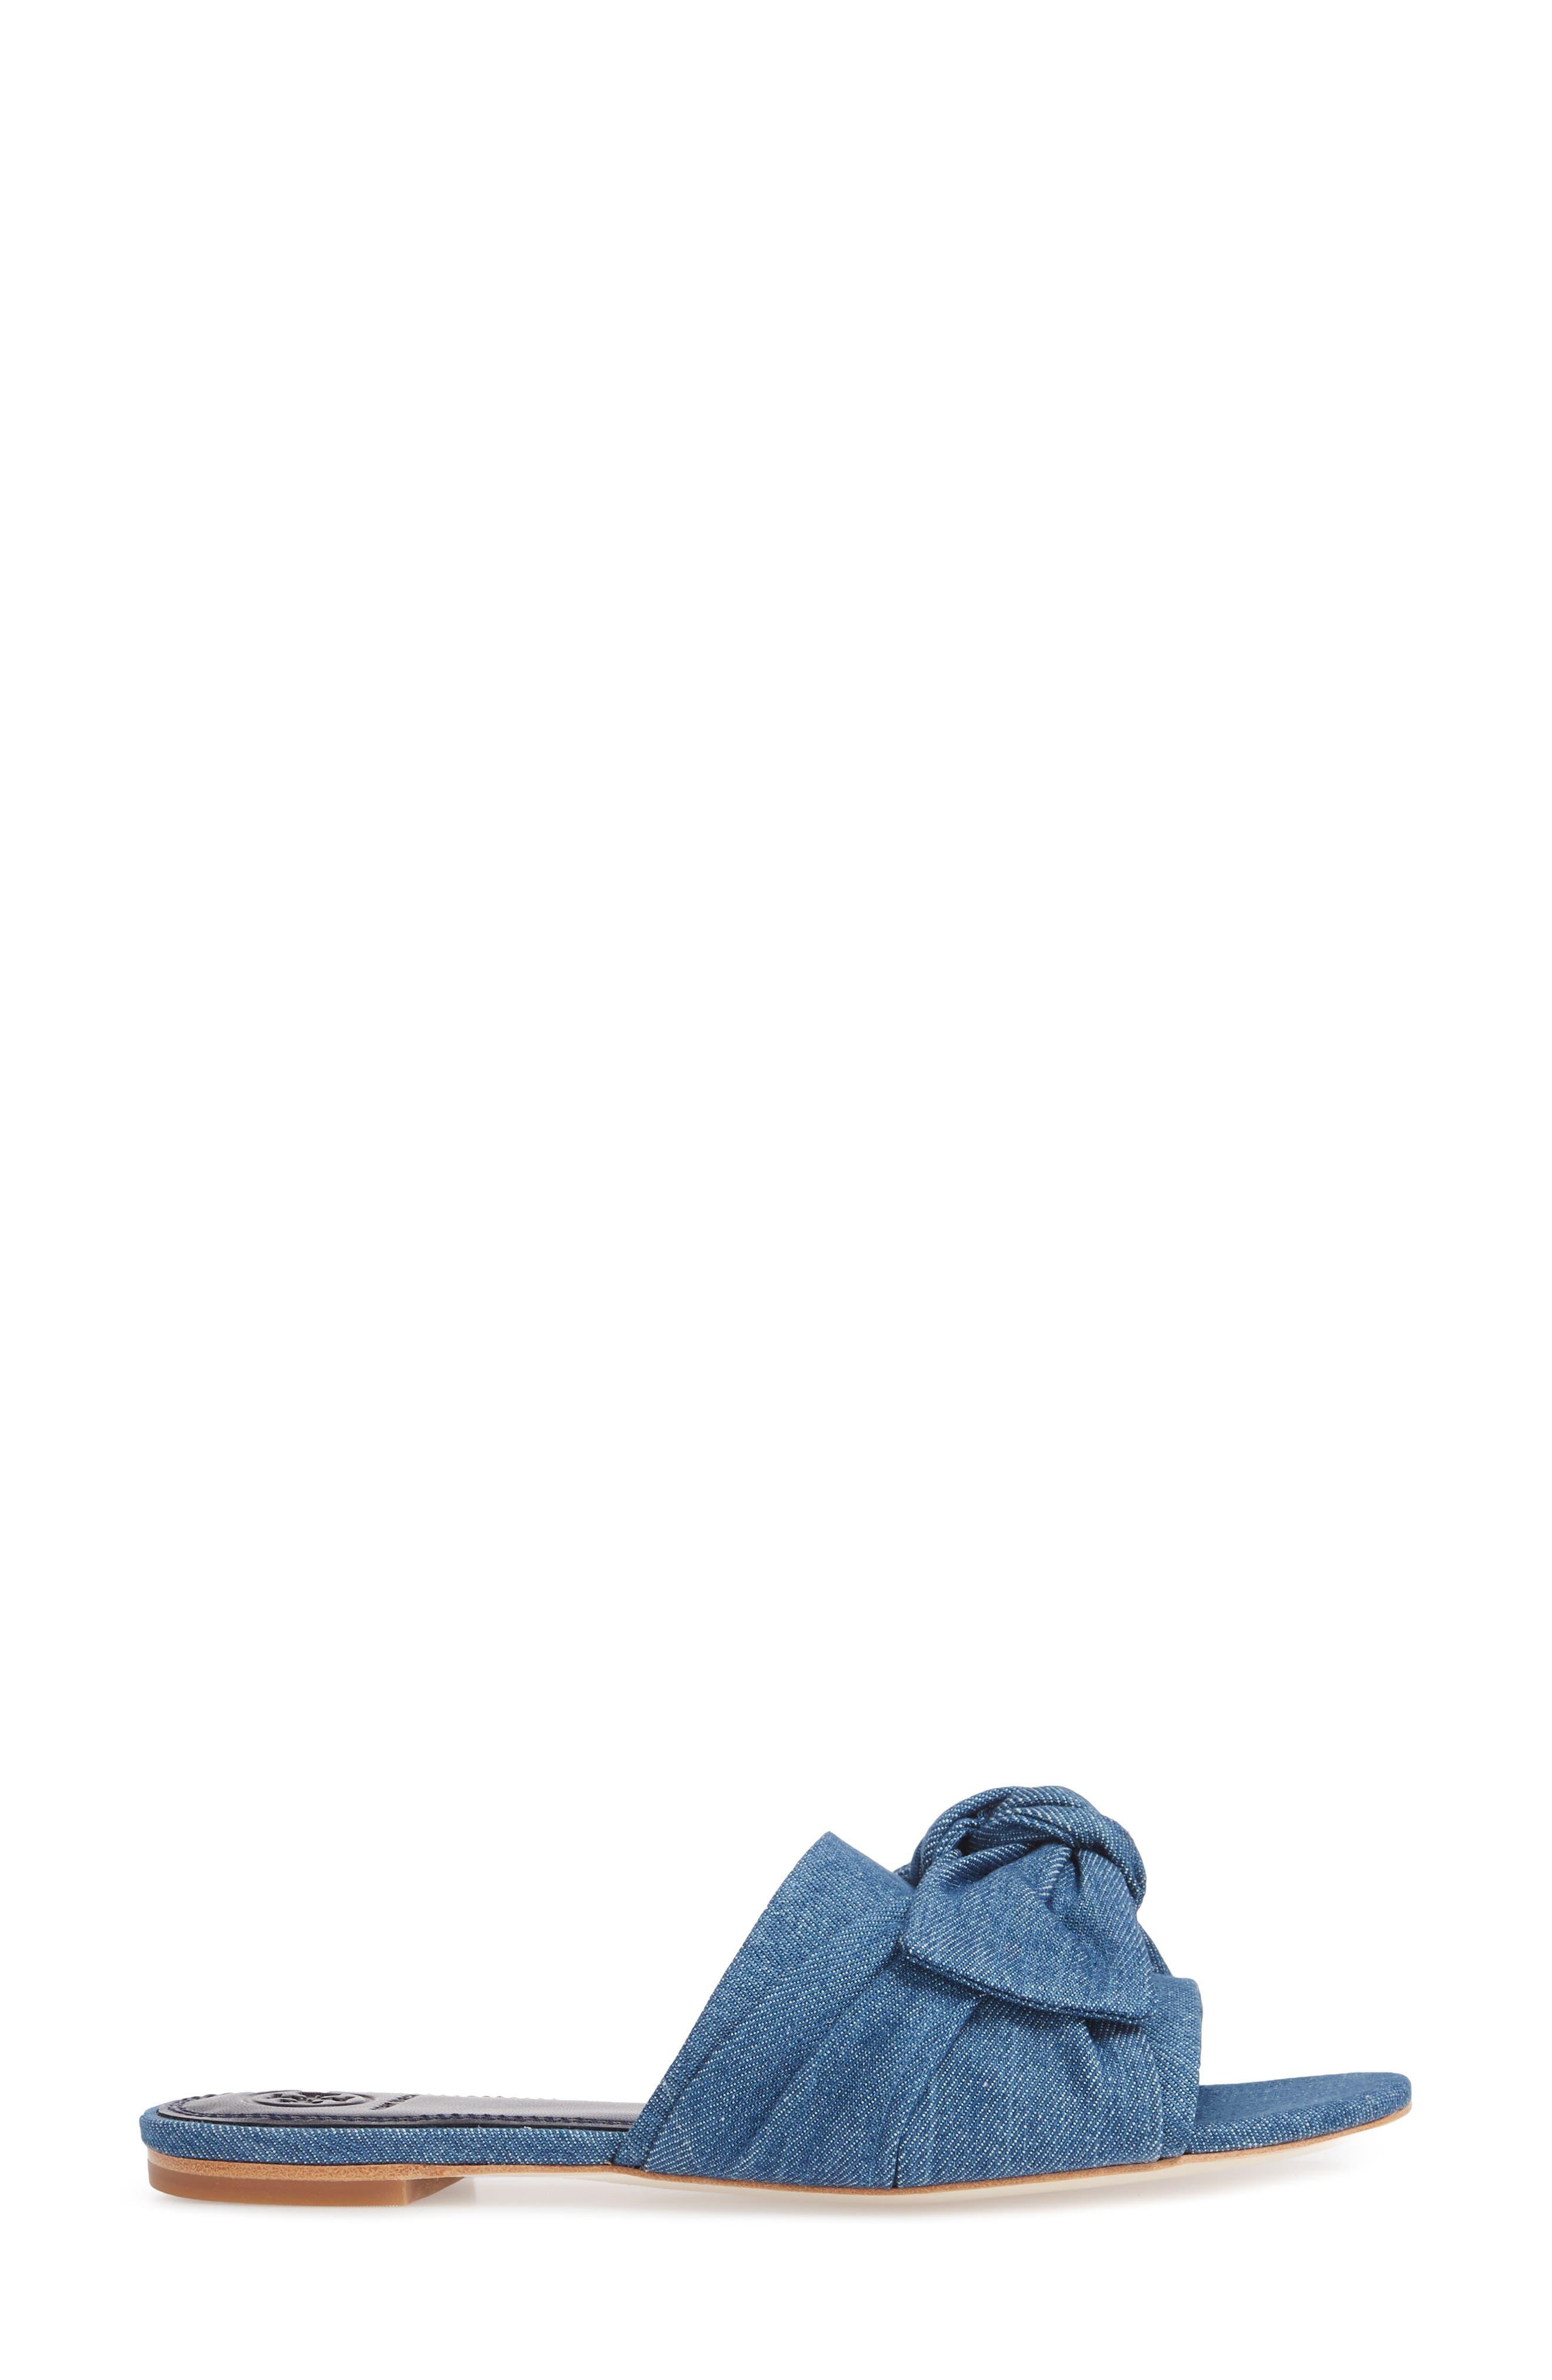 Annabelle Bow Slide Sandal,                             Alternate thumbnail 8, color,